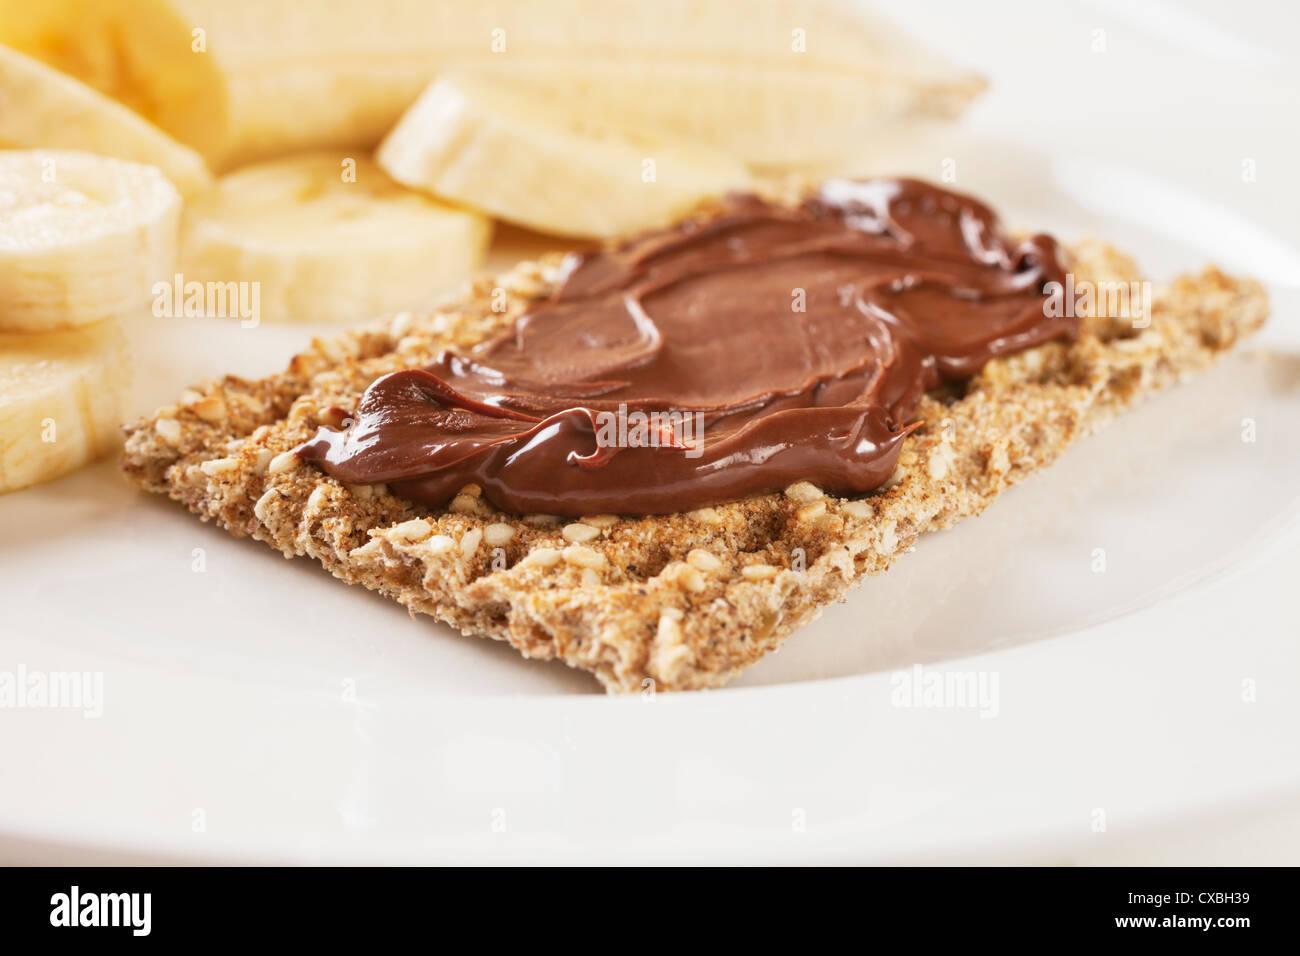 Low Calorie Chocolate Stock Photos & Low Calorie Chocolate